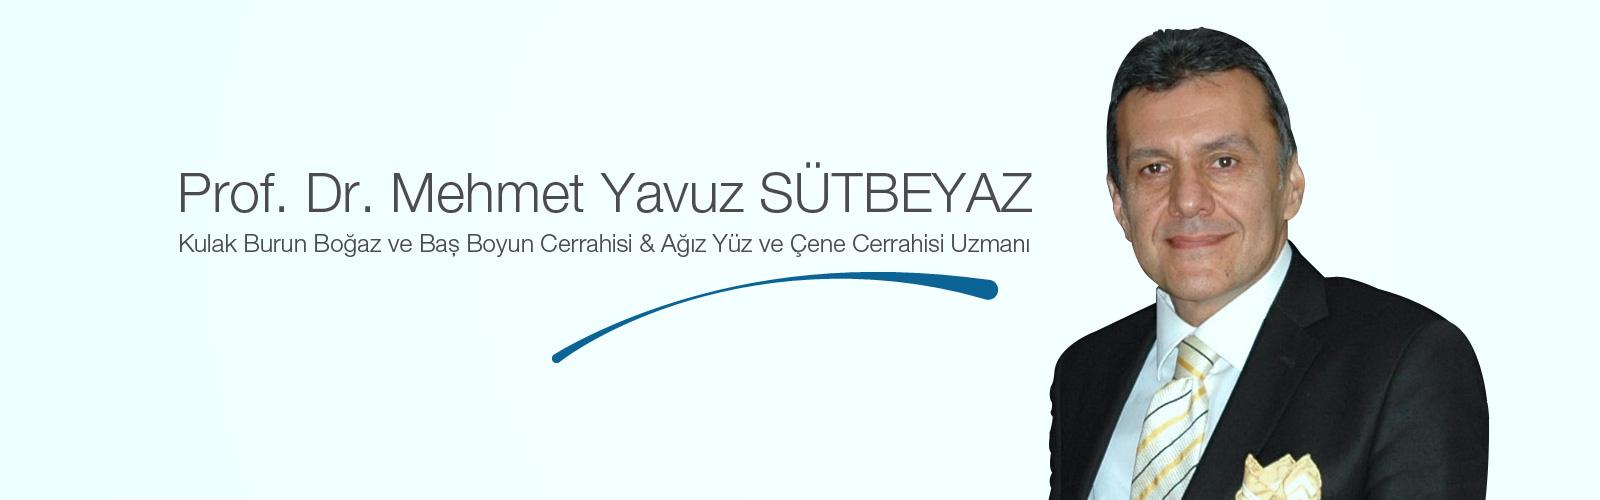 Mehmet Yavuz Sütbeyaz